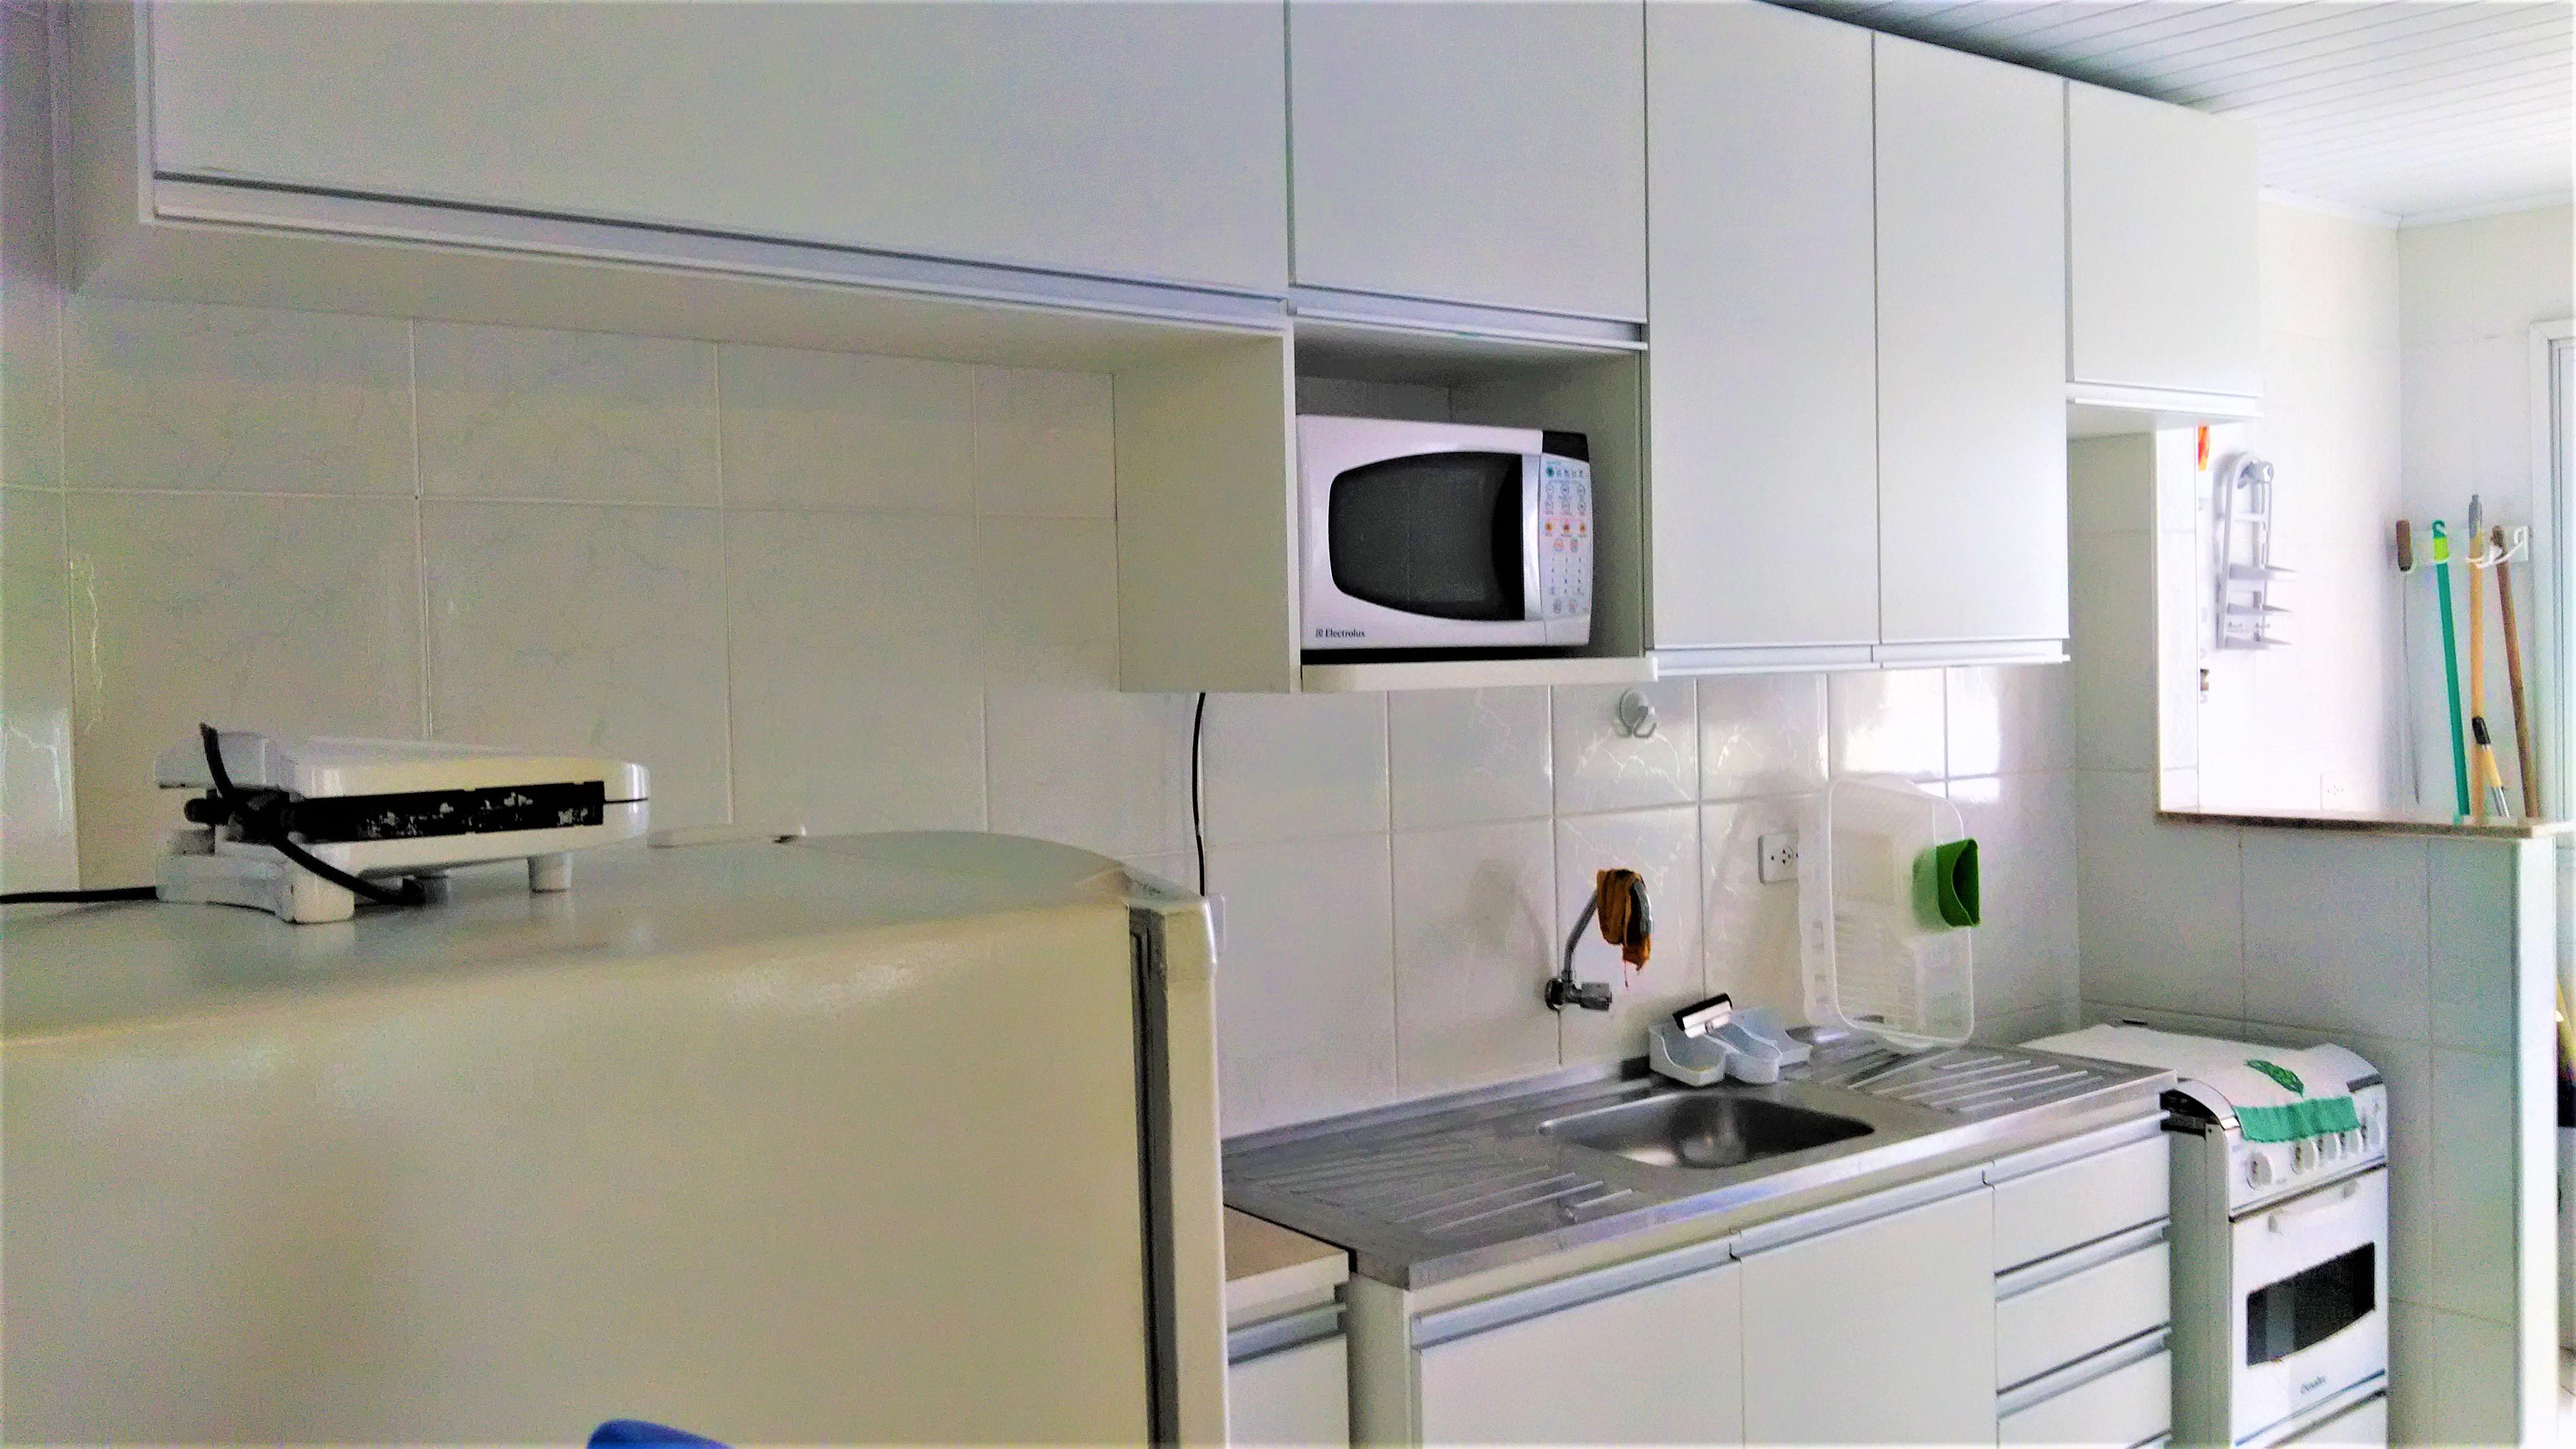 04 Cozinha 22F